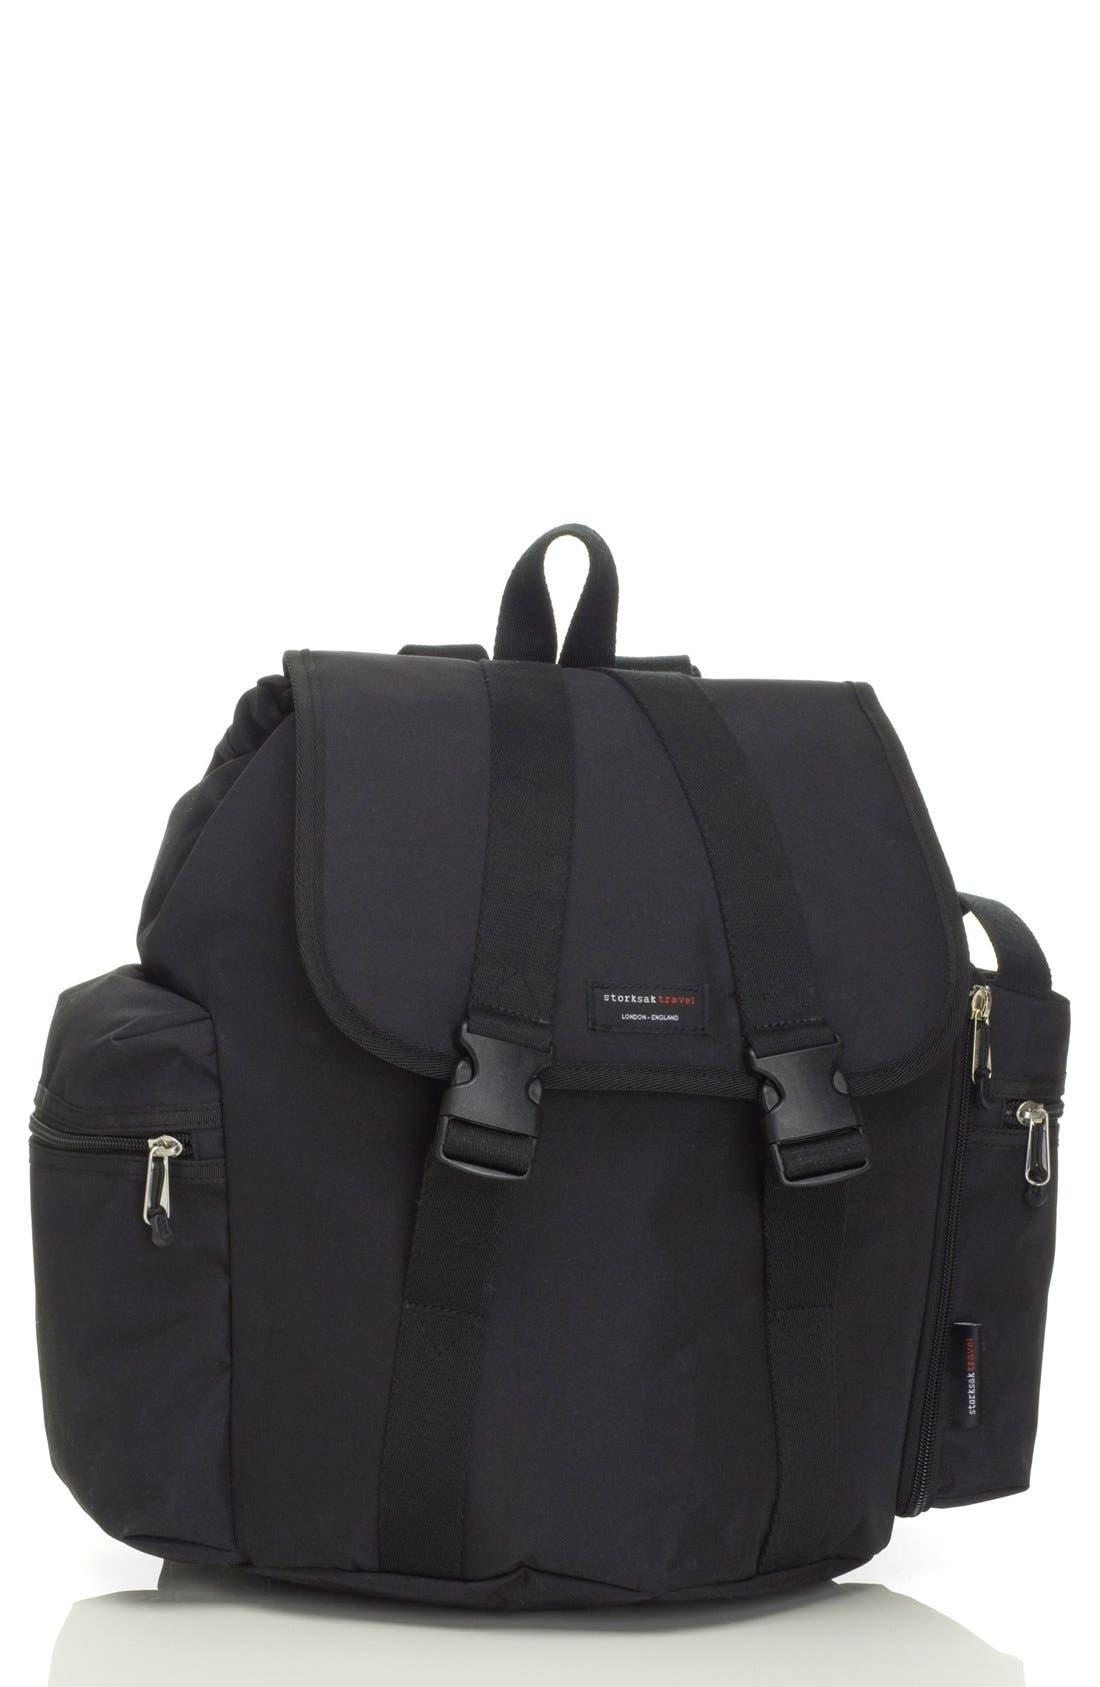 Main Image - Storksak Travel Backpack Diaper Bag